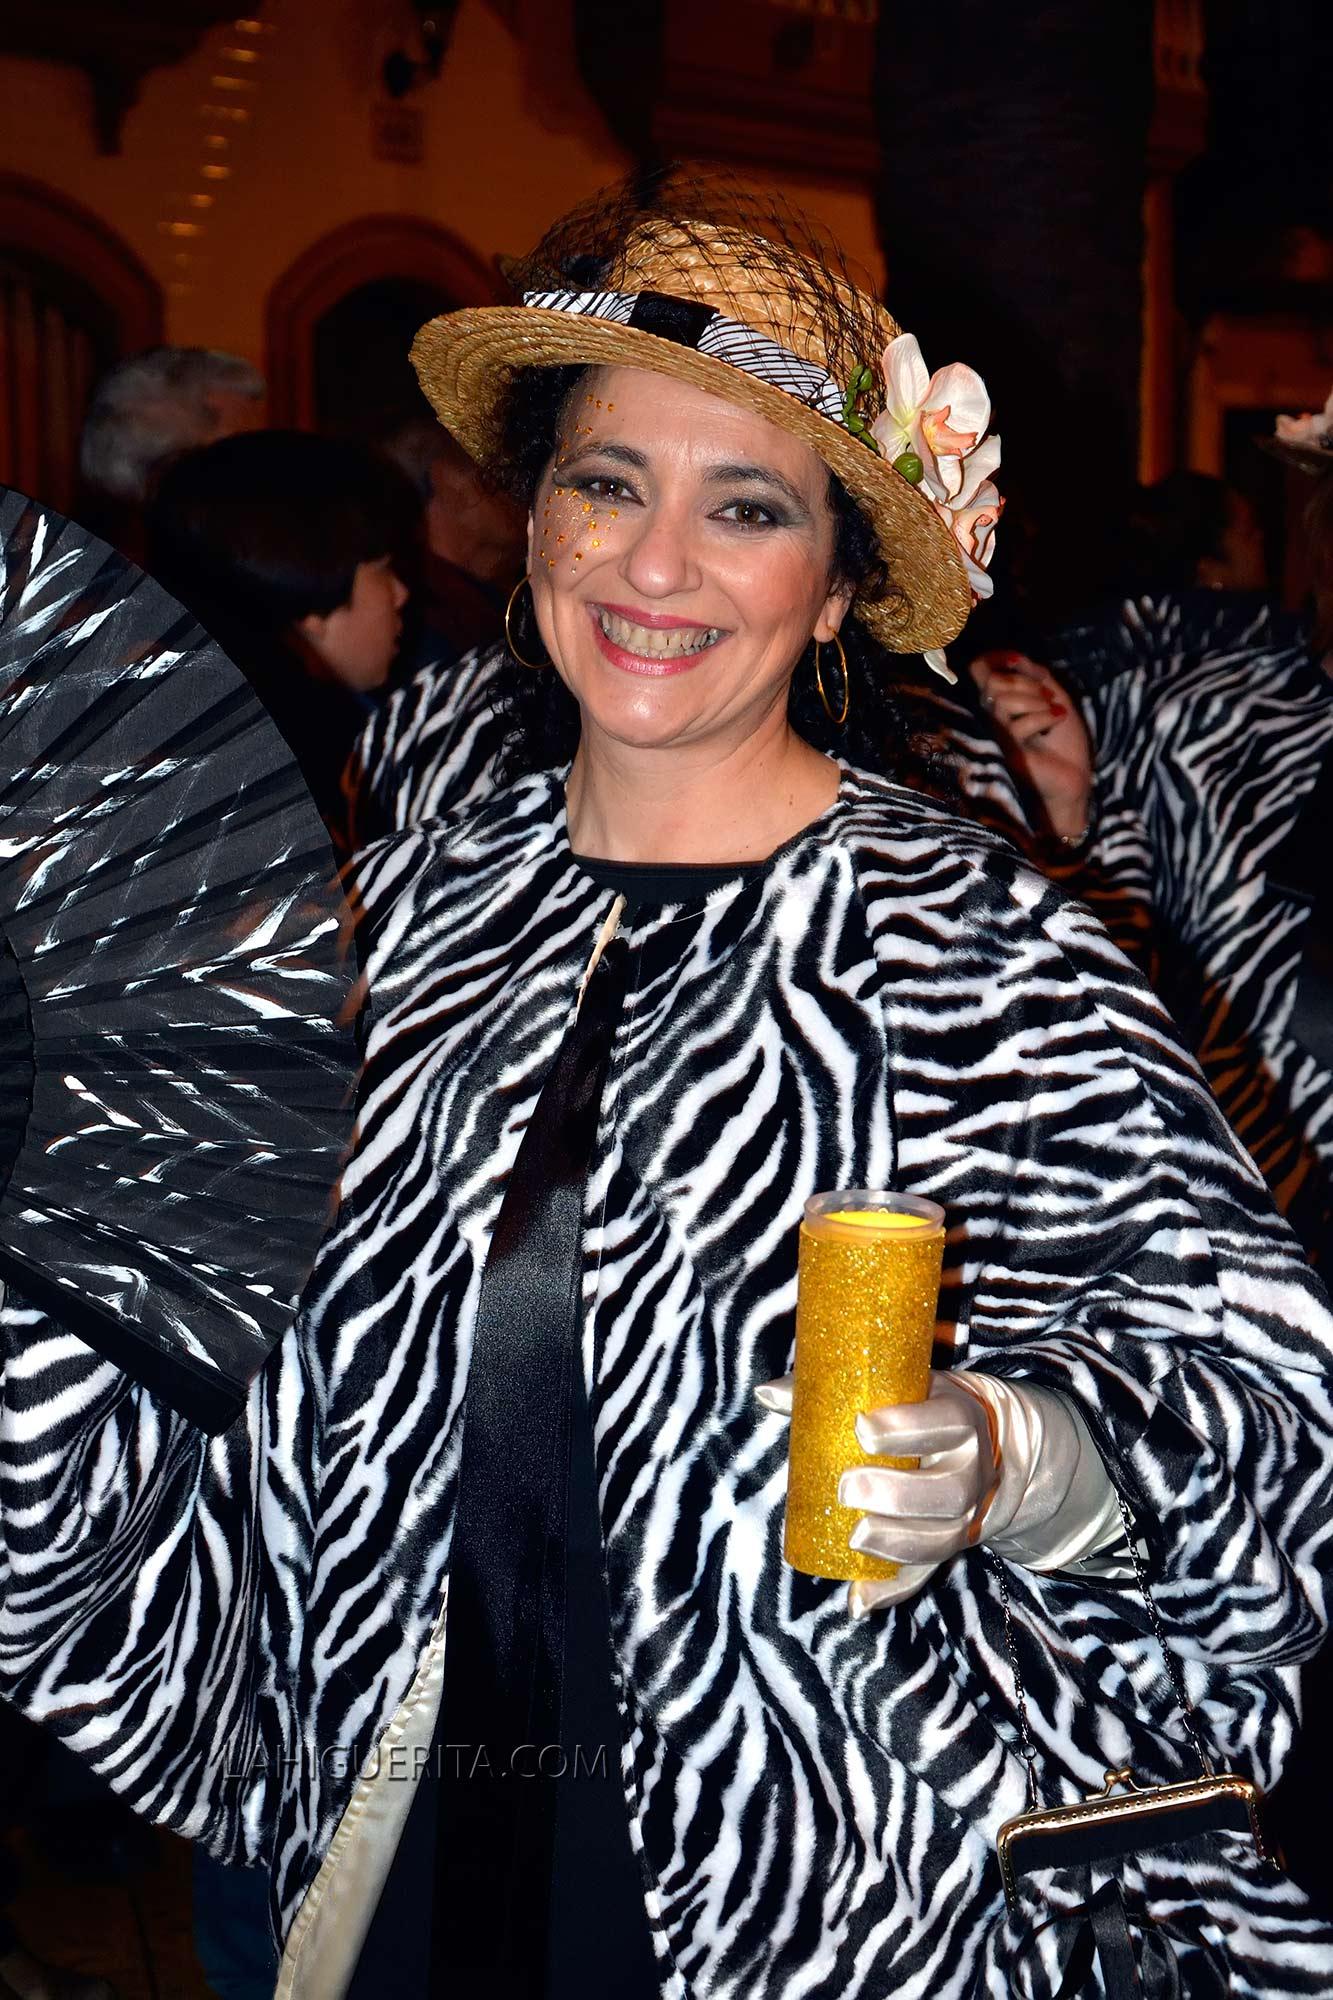 Entierro de la sardina carnaval isla cristina _DSC2214